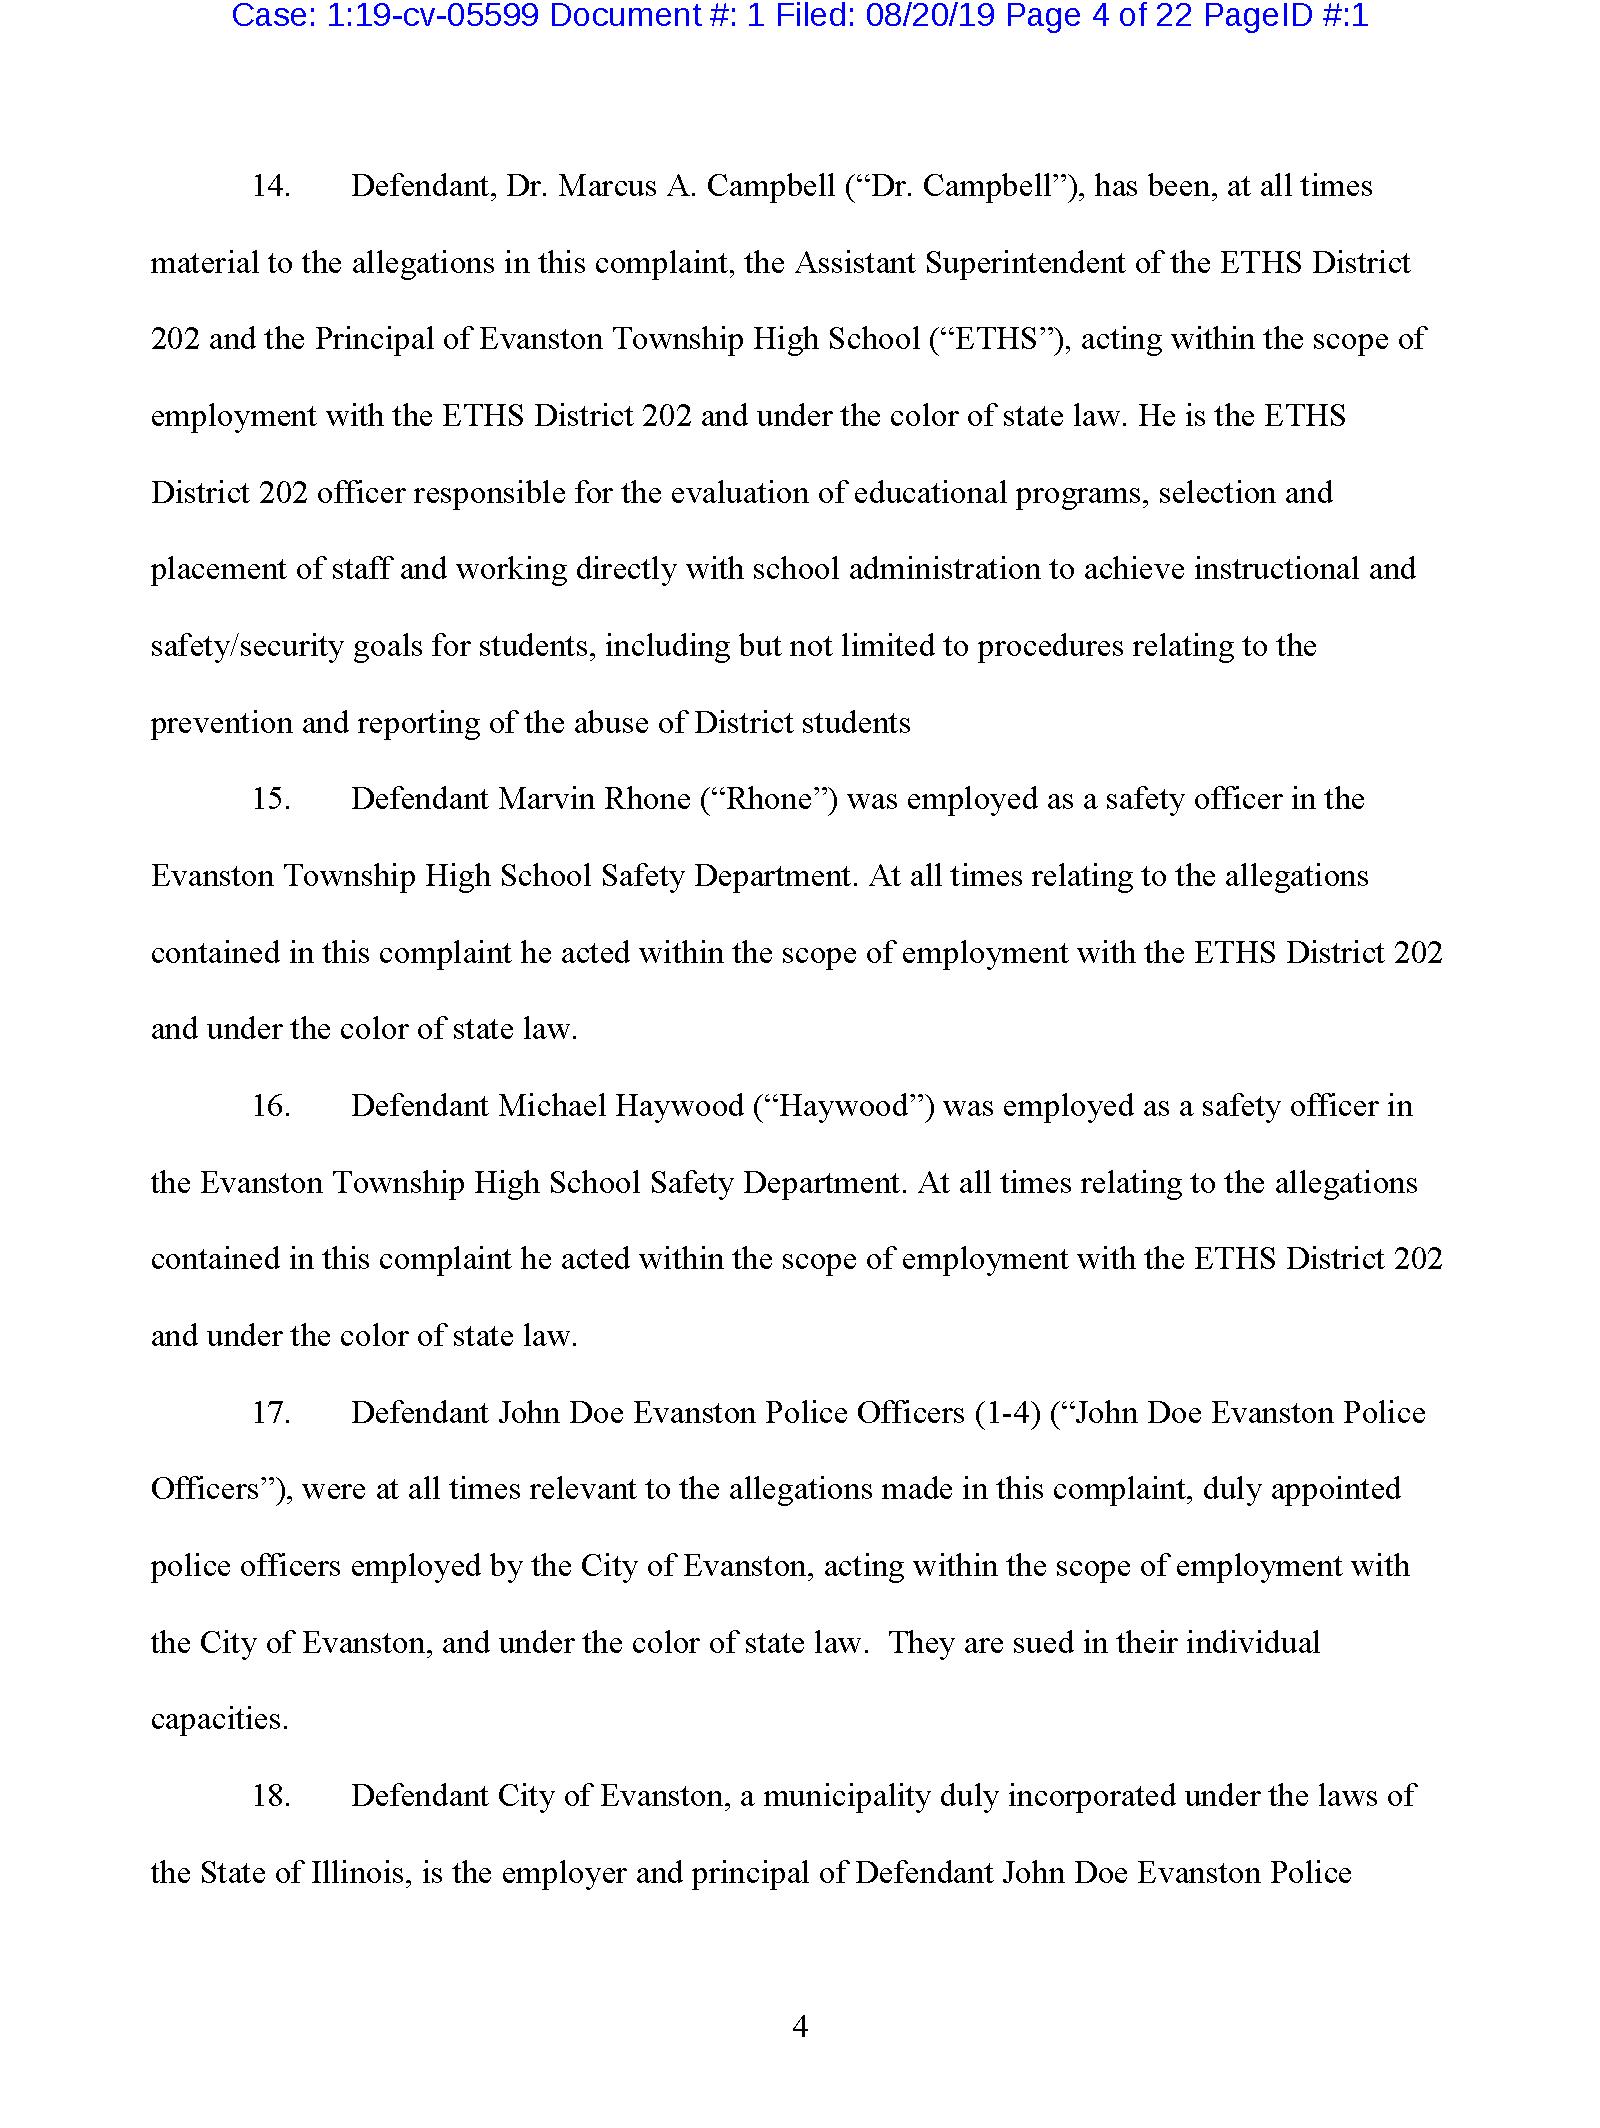 Copy of Complaint0104.png